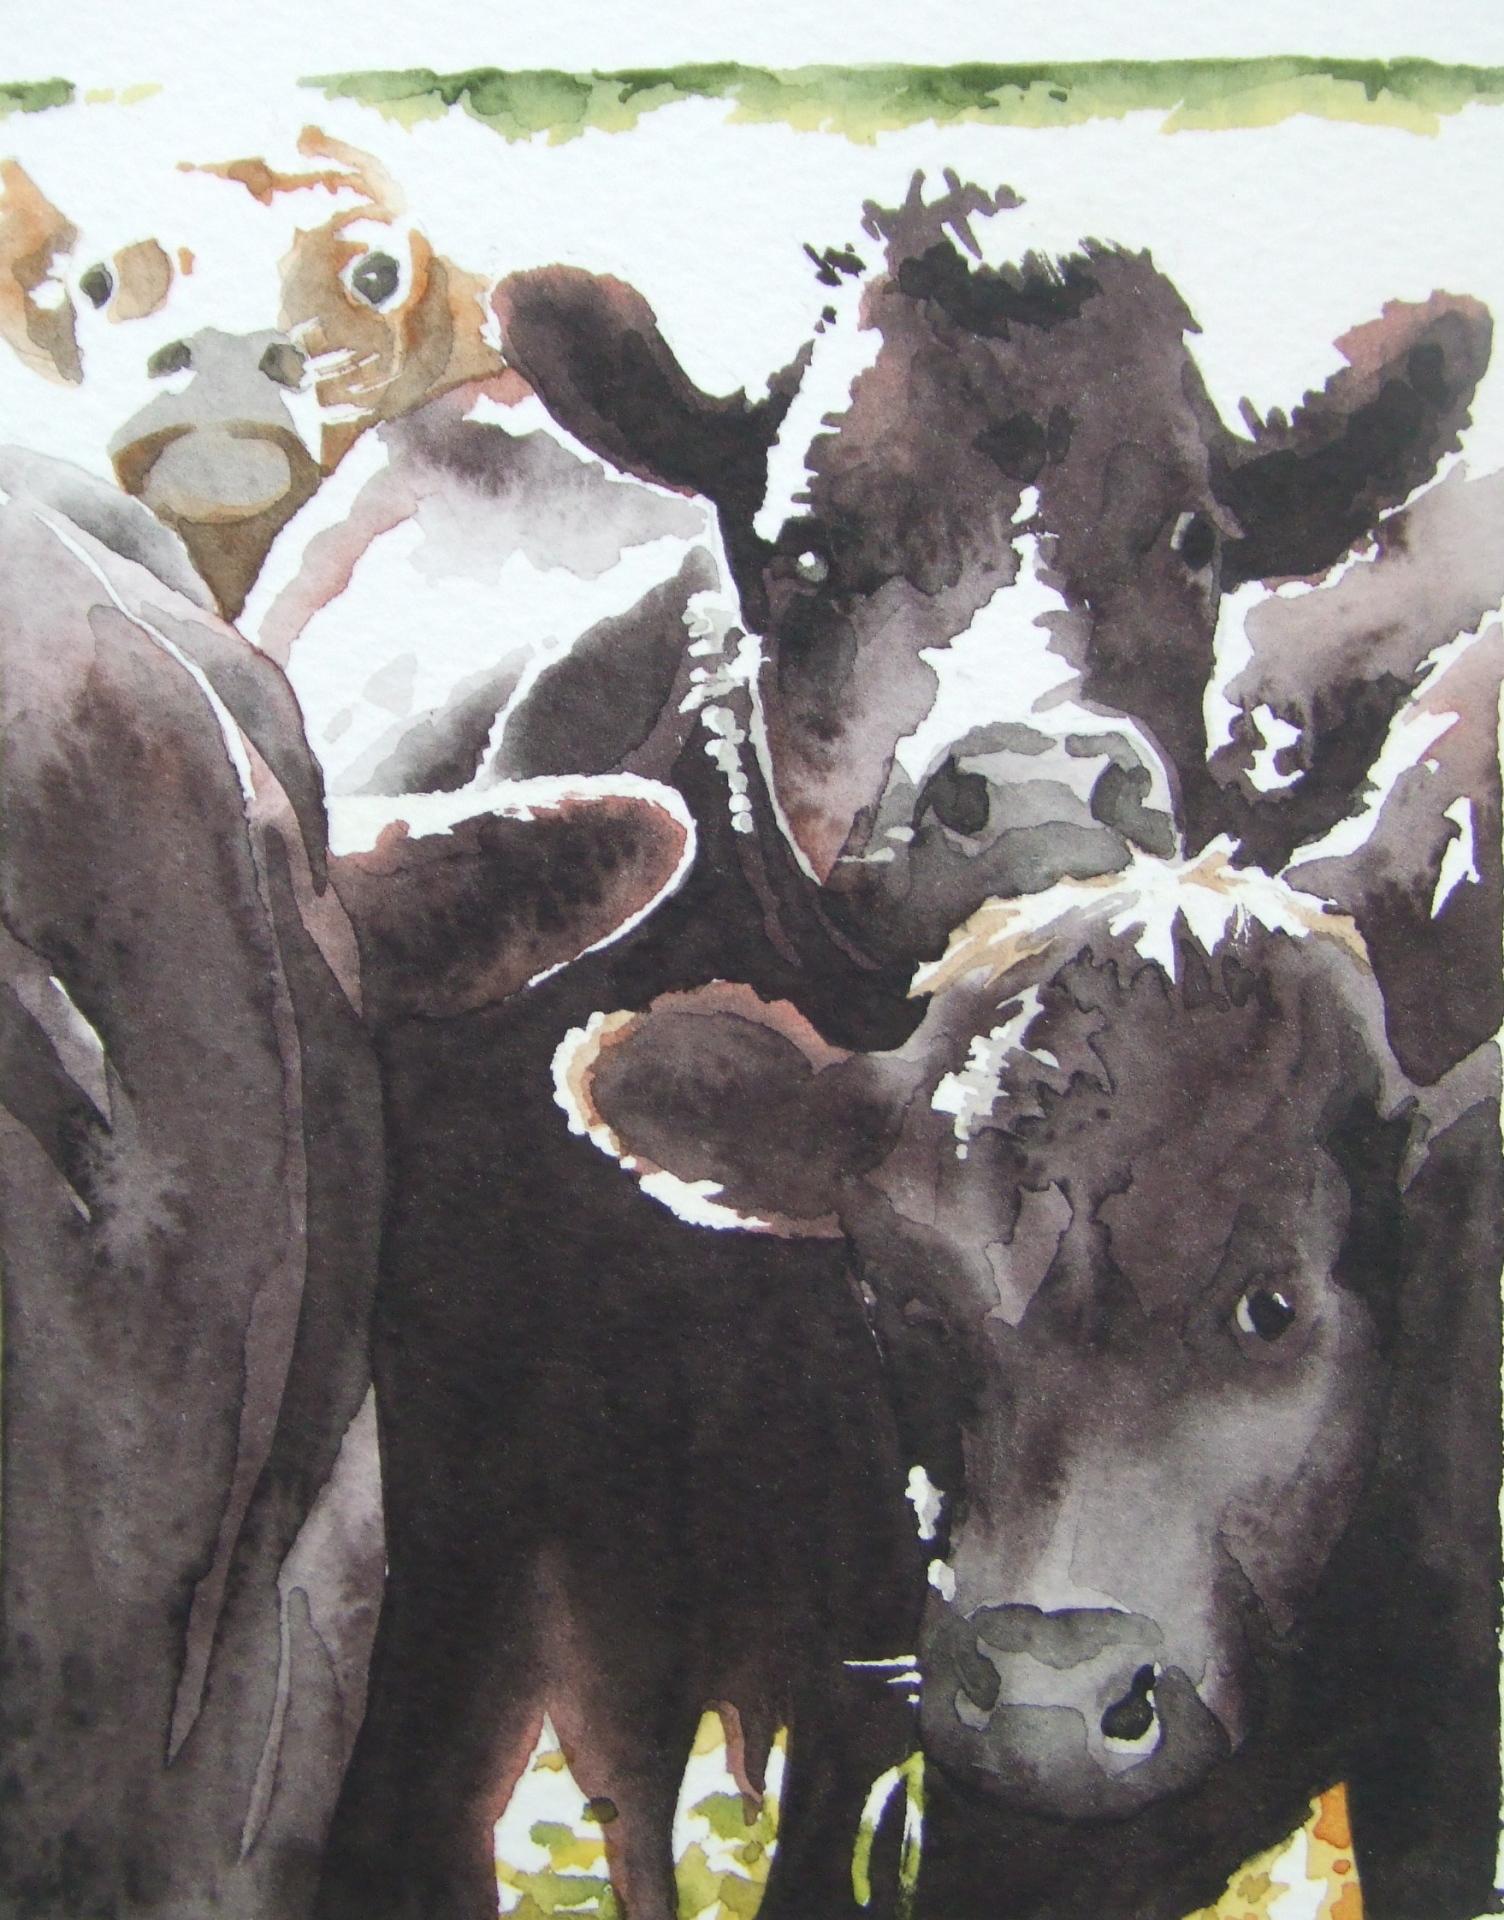 Dark cows in a bright field